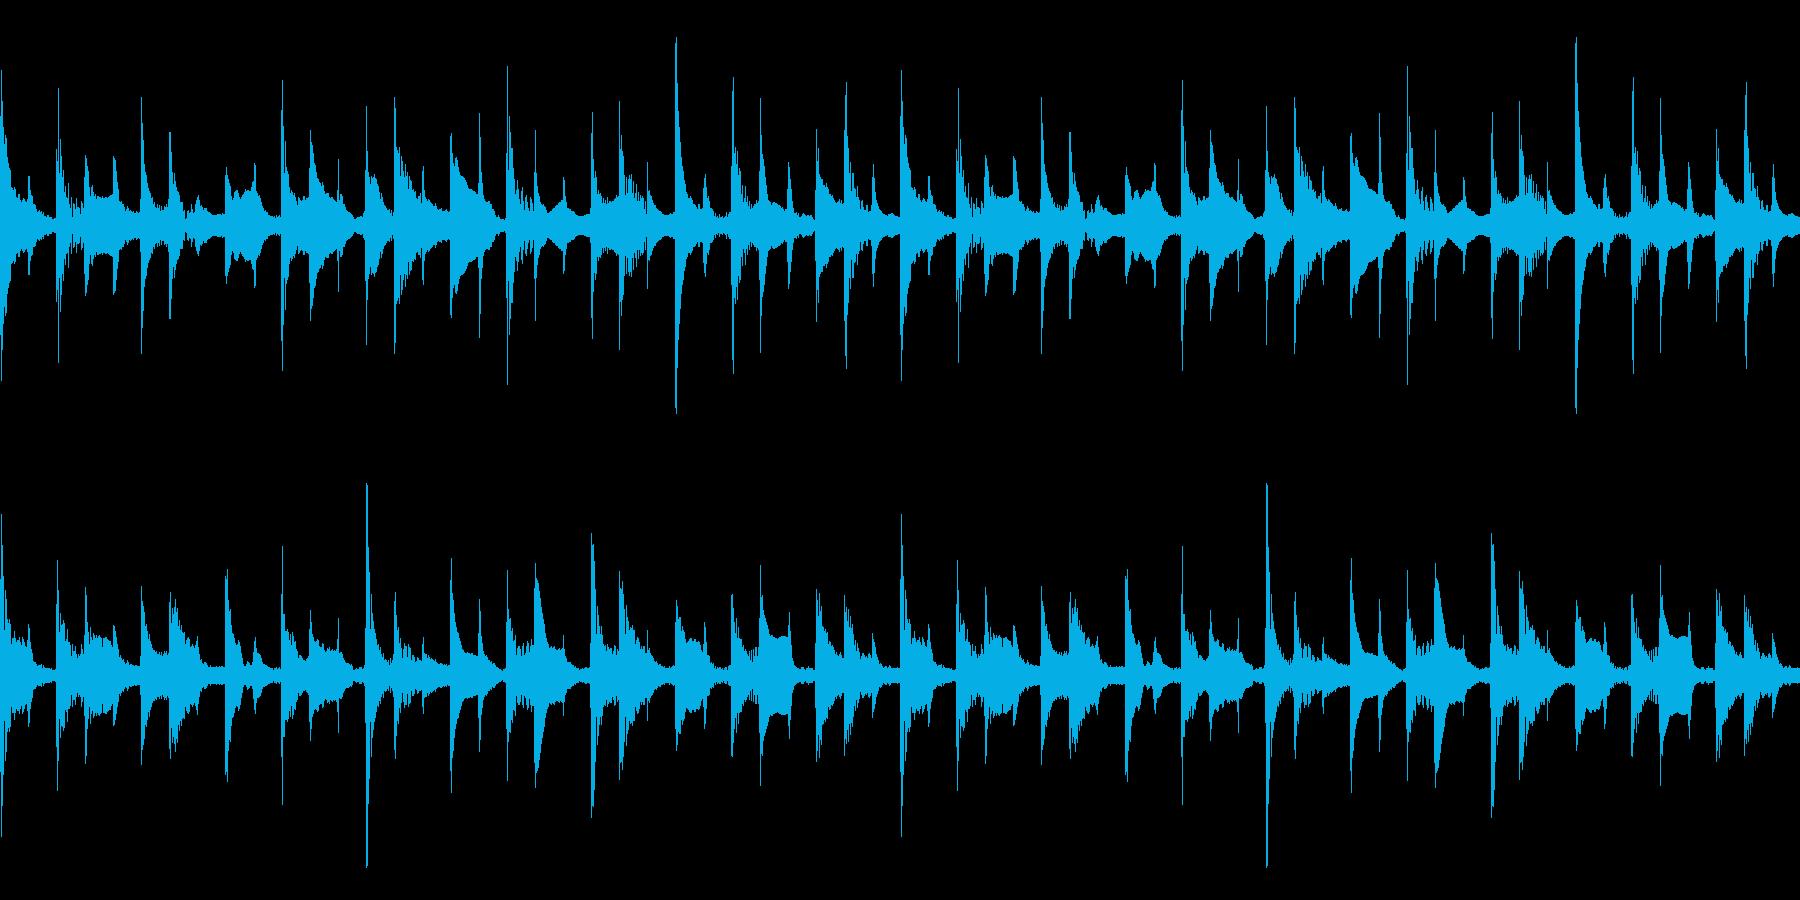 ARP シンセシーケンス 2 音楽制作用の再生済みの波形